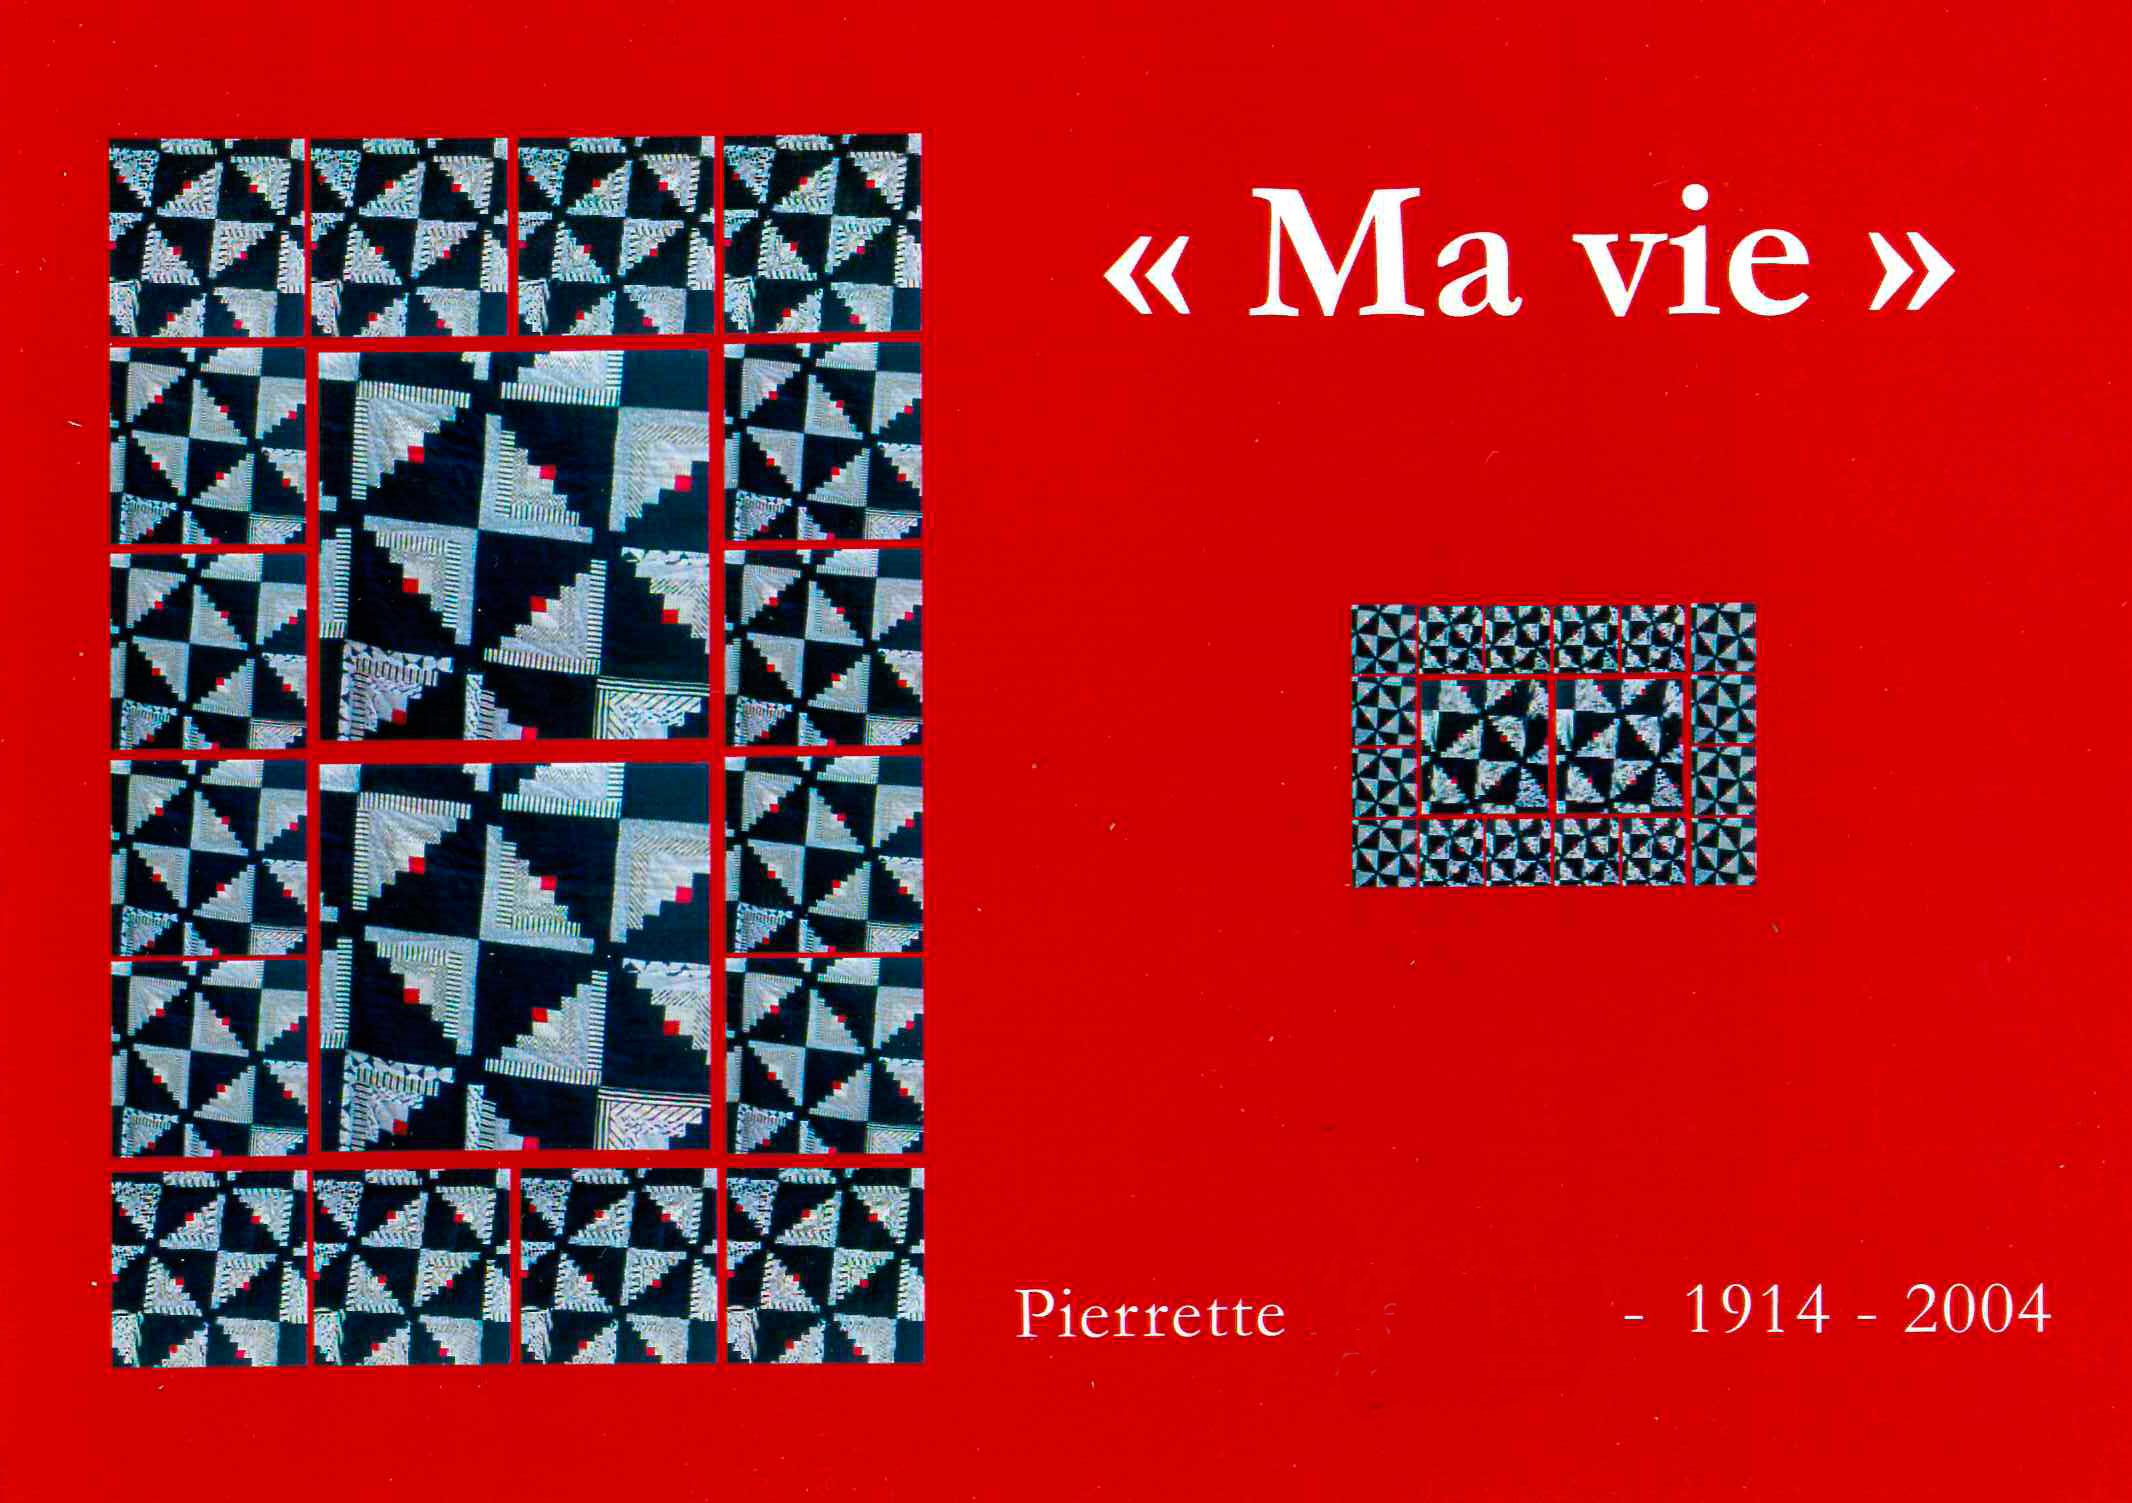 Biographie familiale de Pierrette M.